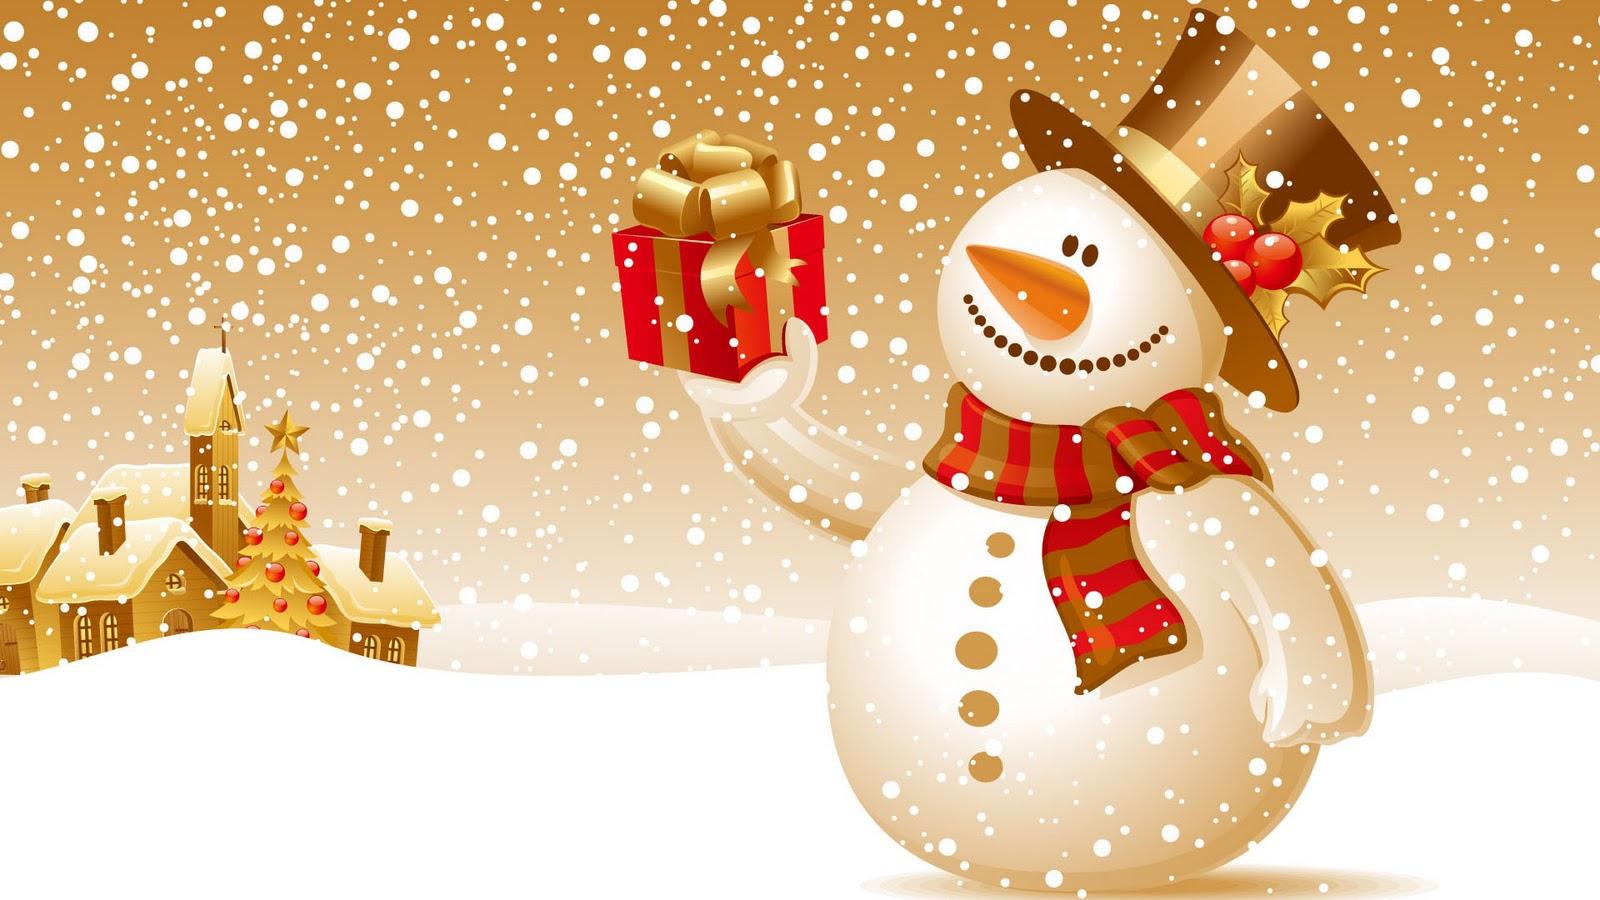 Mooie Sneeuwpop Achtergronden Leuke Hd Sneeuwpop ... Wallpapers Kerst Achtergronden